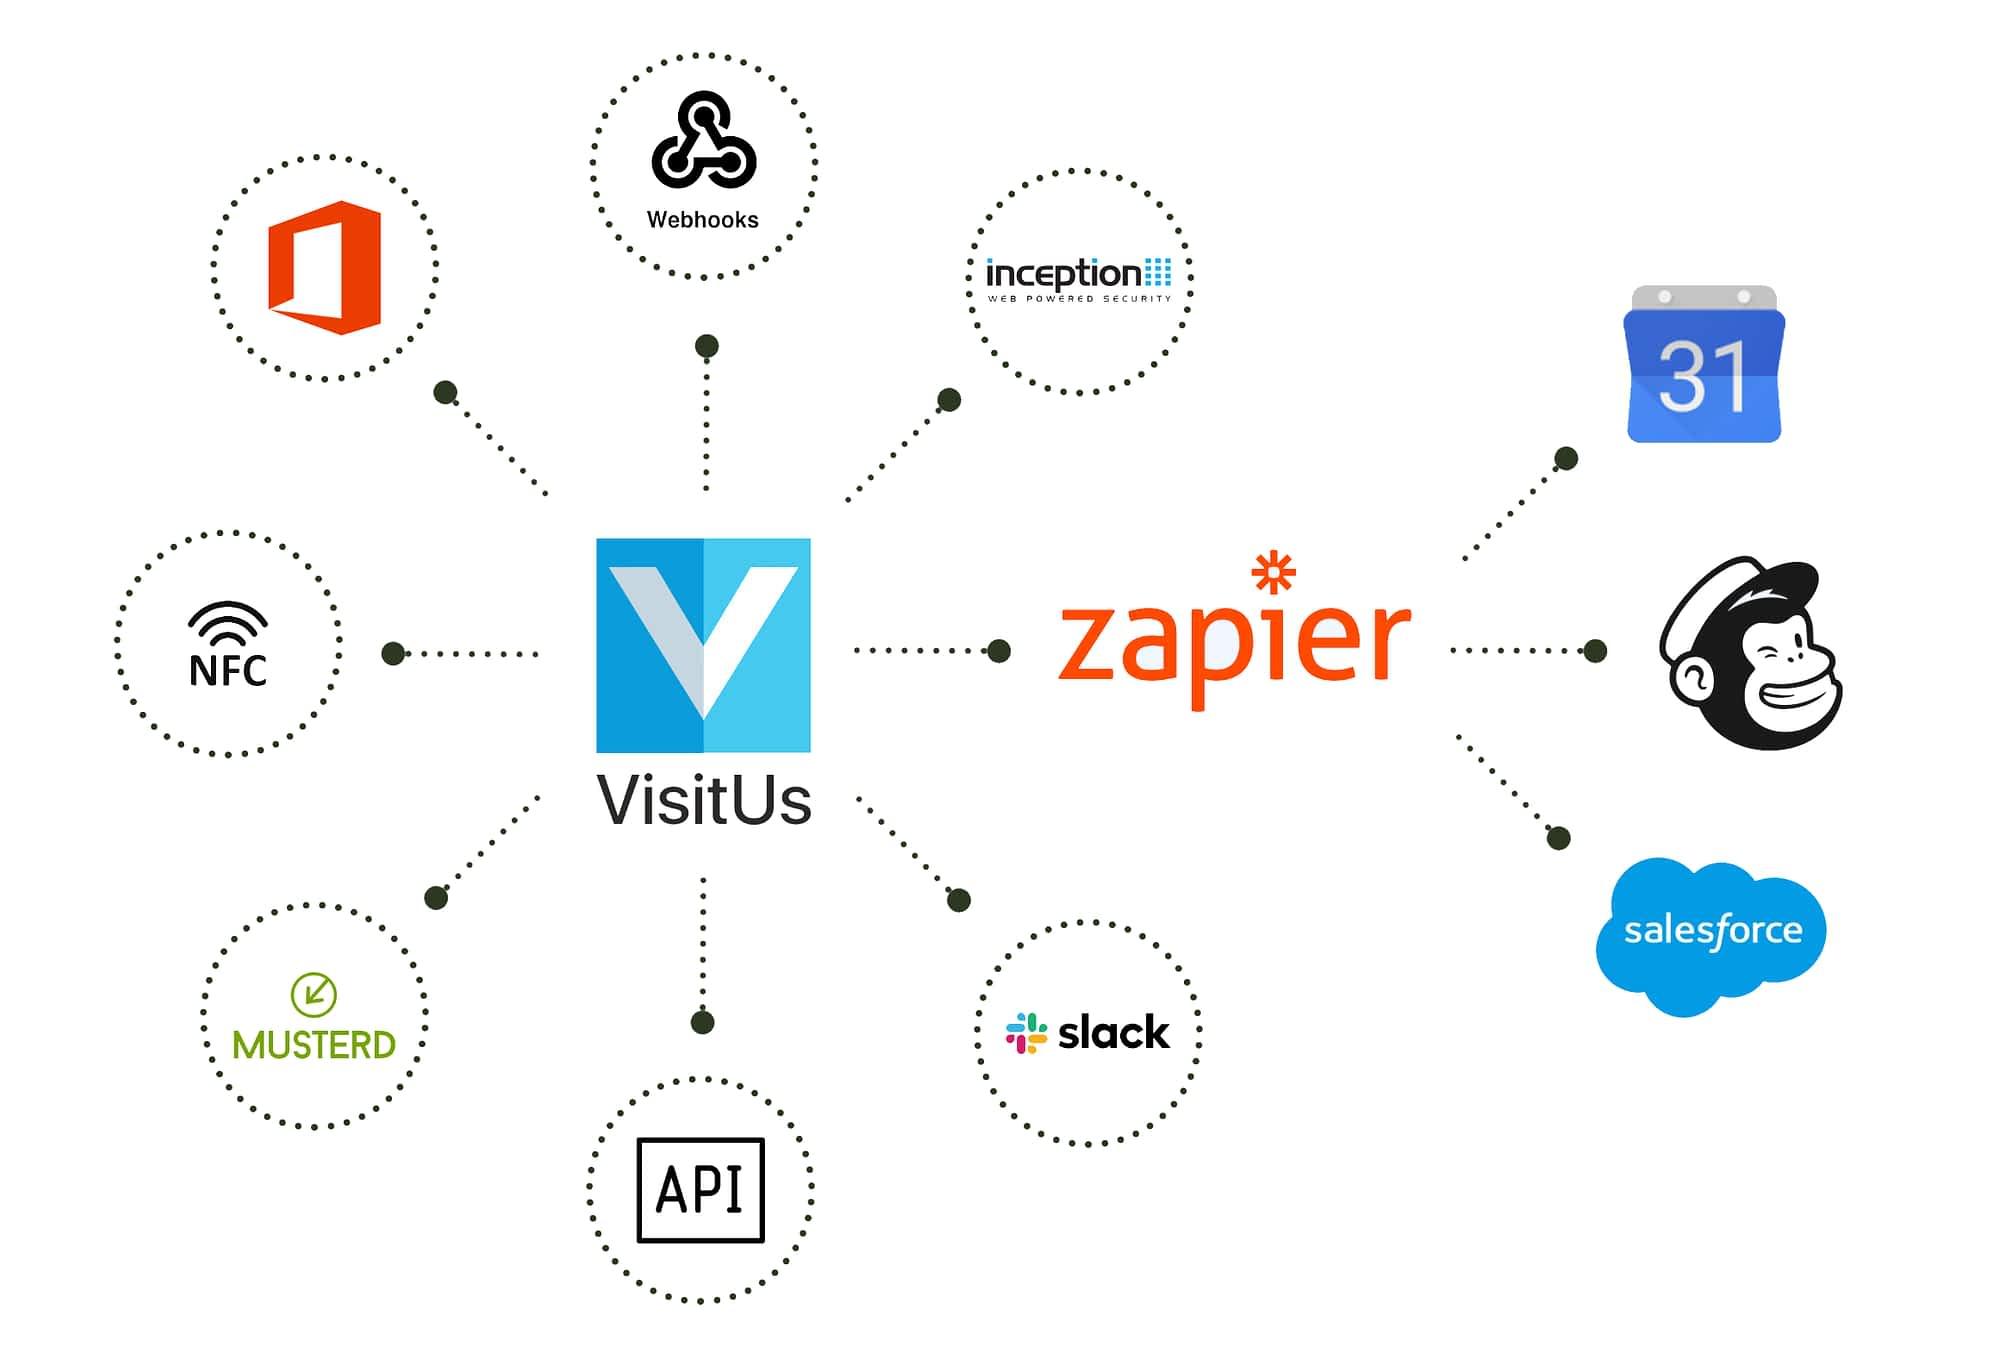 integrations diagram